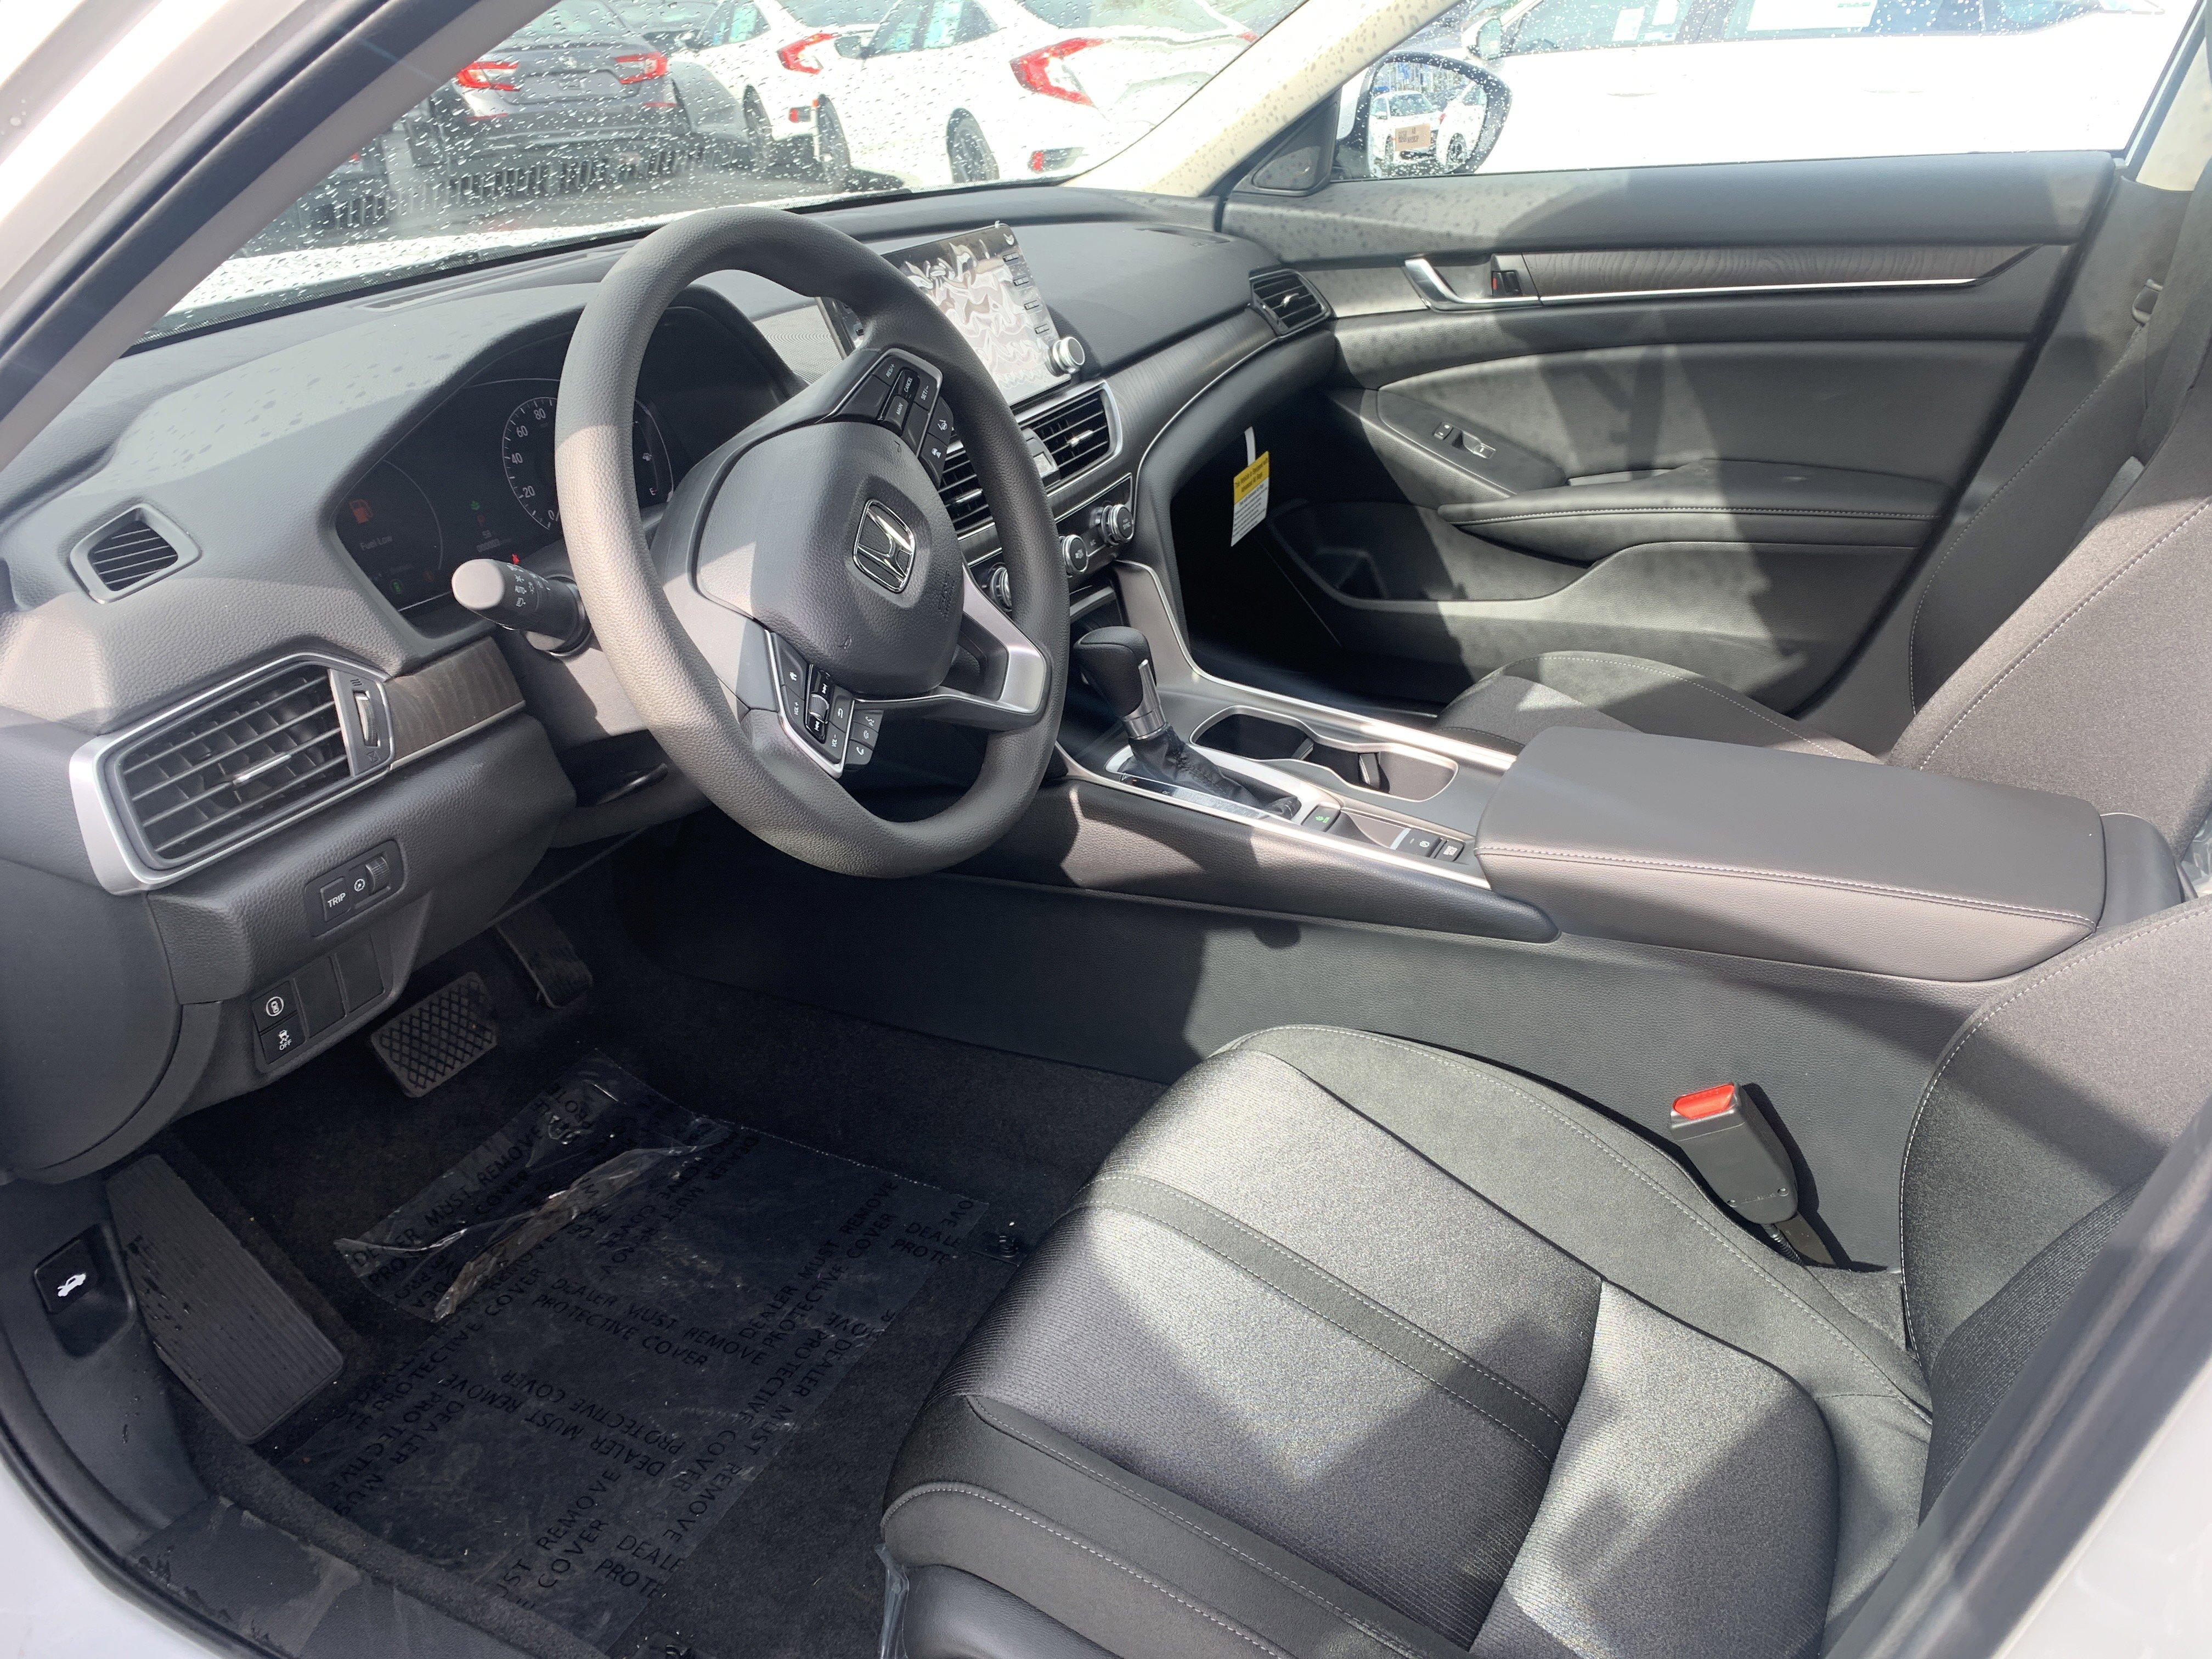 New 2020 Honda Accord Sedan EX 1.5T